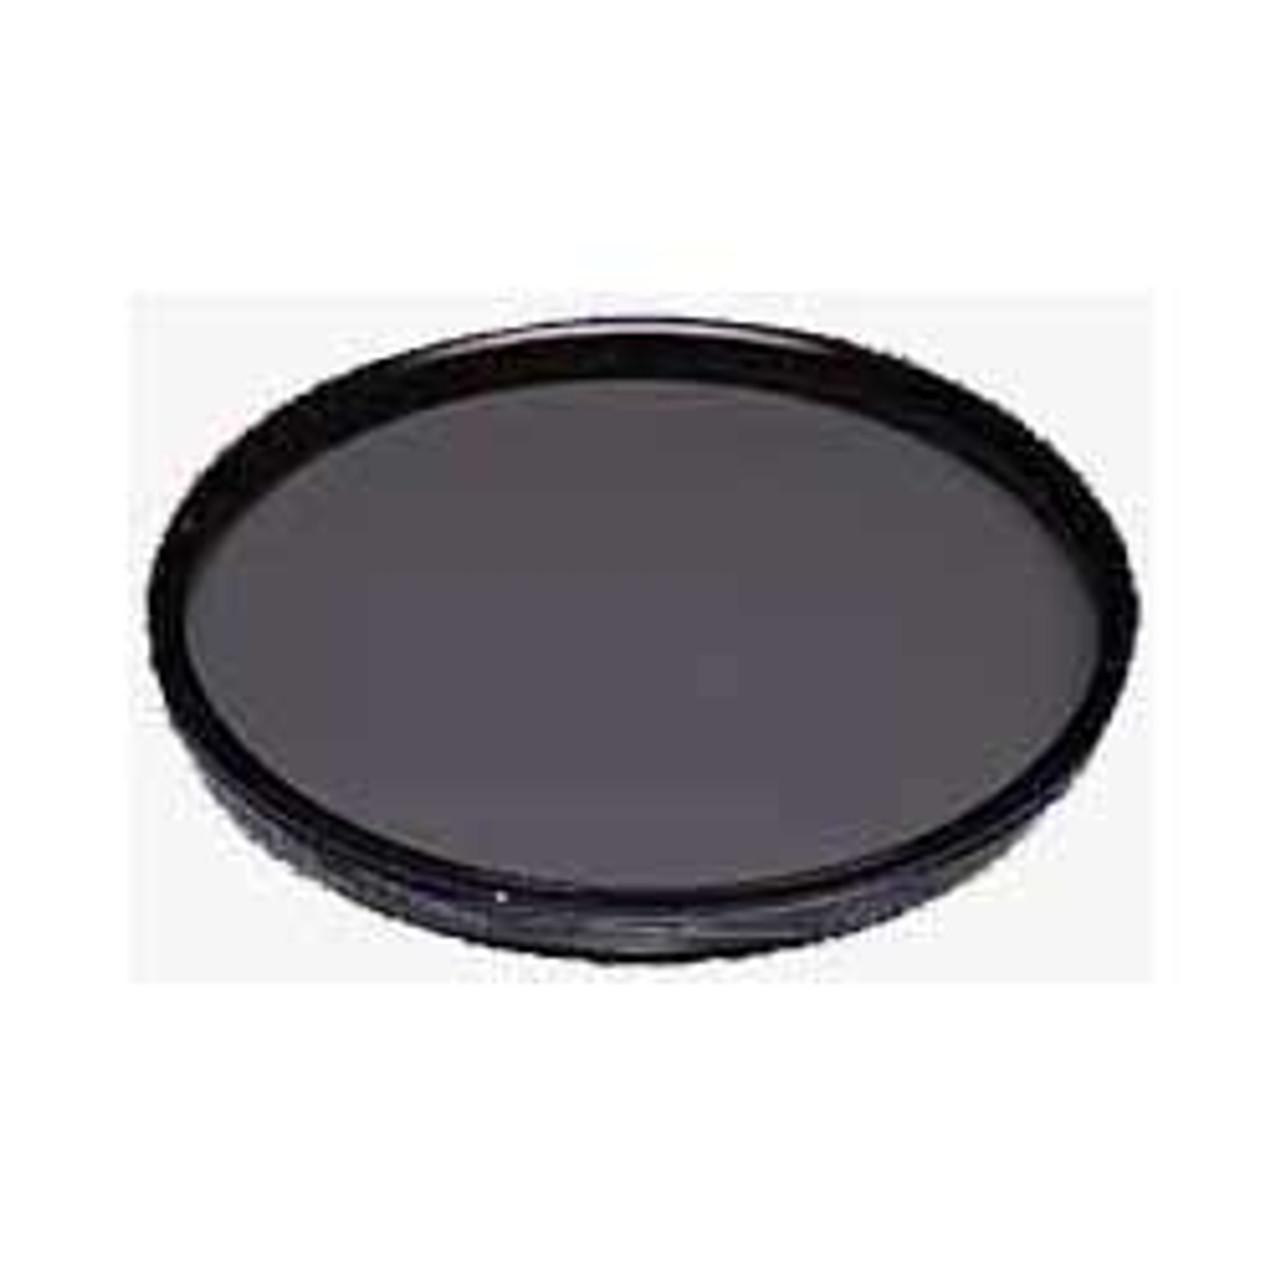 ProMaster 40.5mm Digital HGX CPL Filter Circular Polarizing Filter